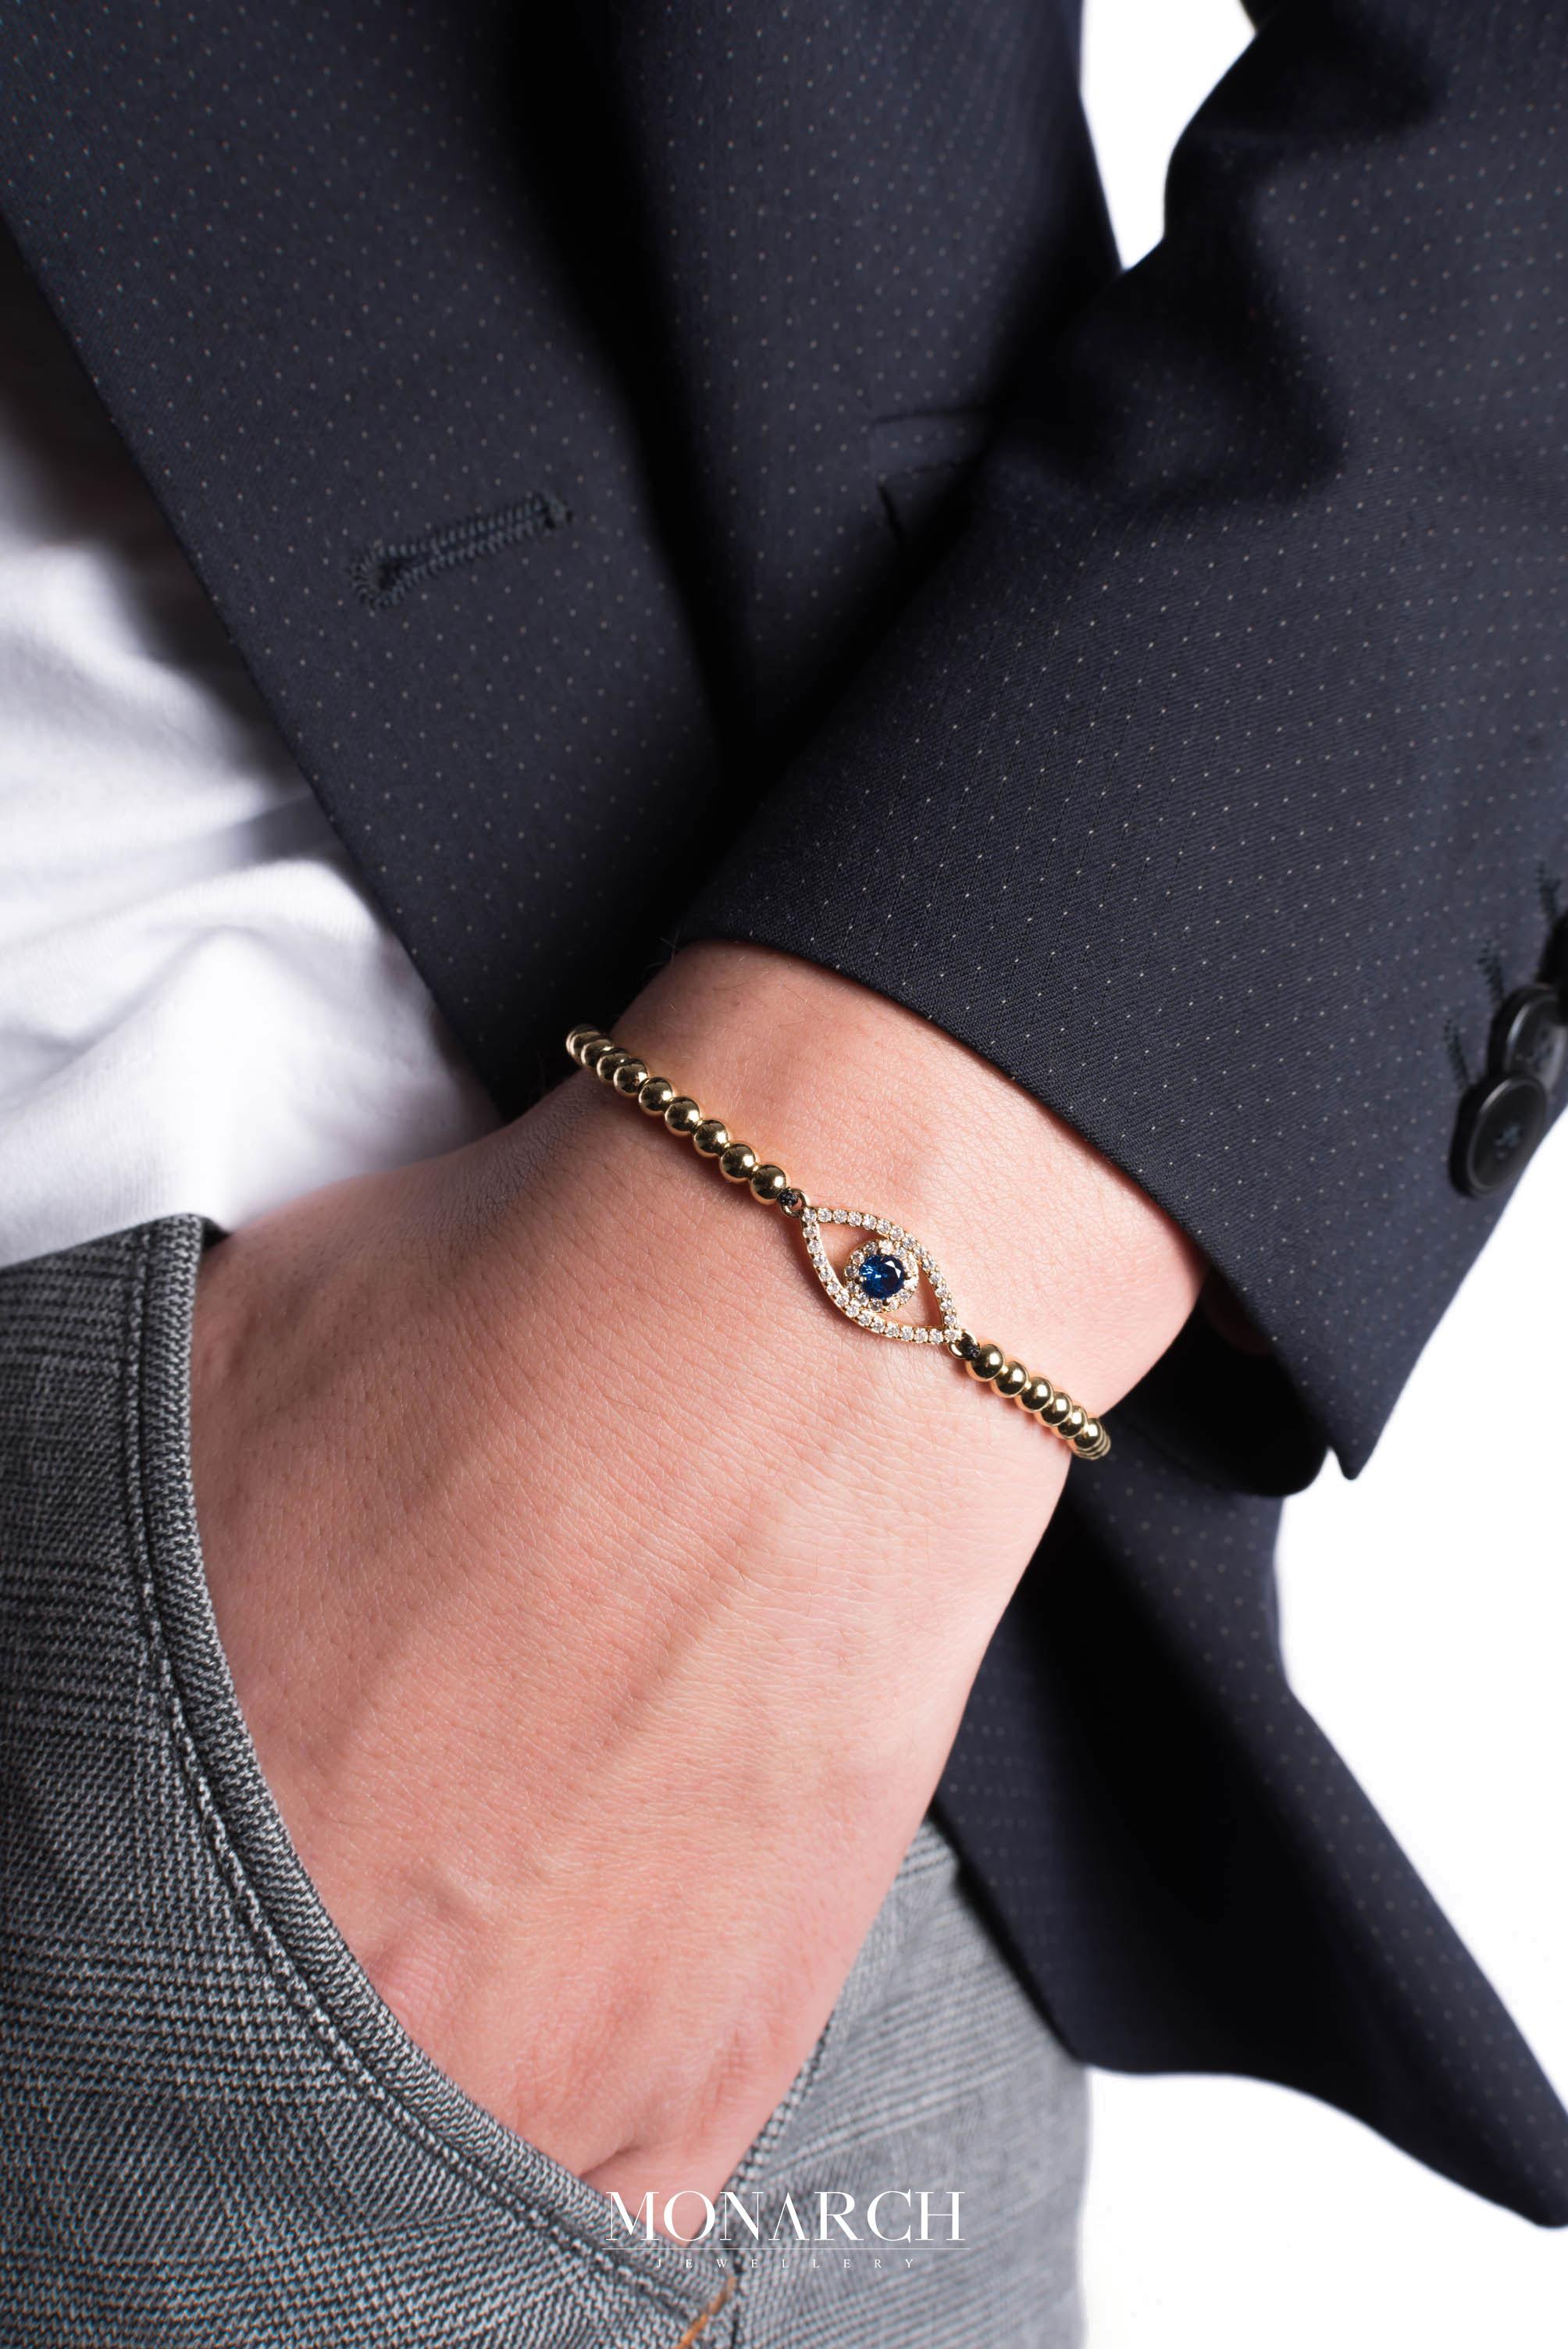 Monarch Jewellery Luxury Bracelet MA28GFEC men